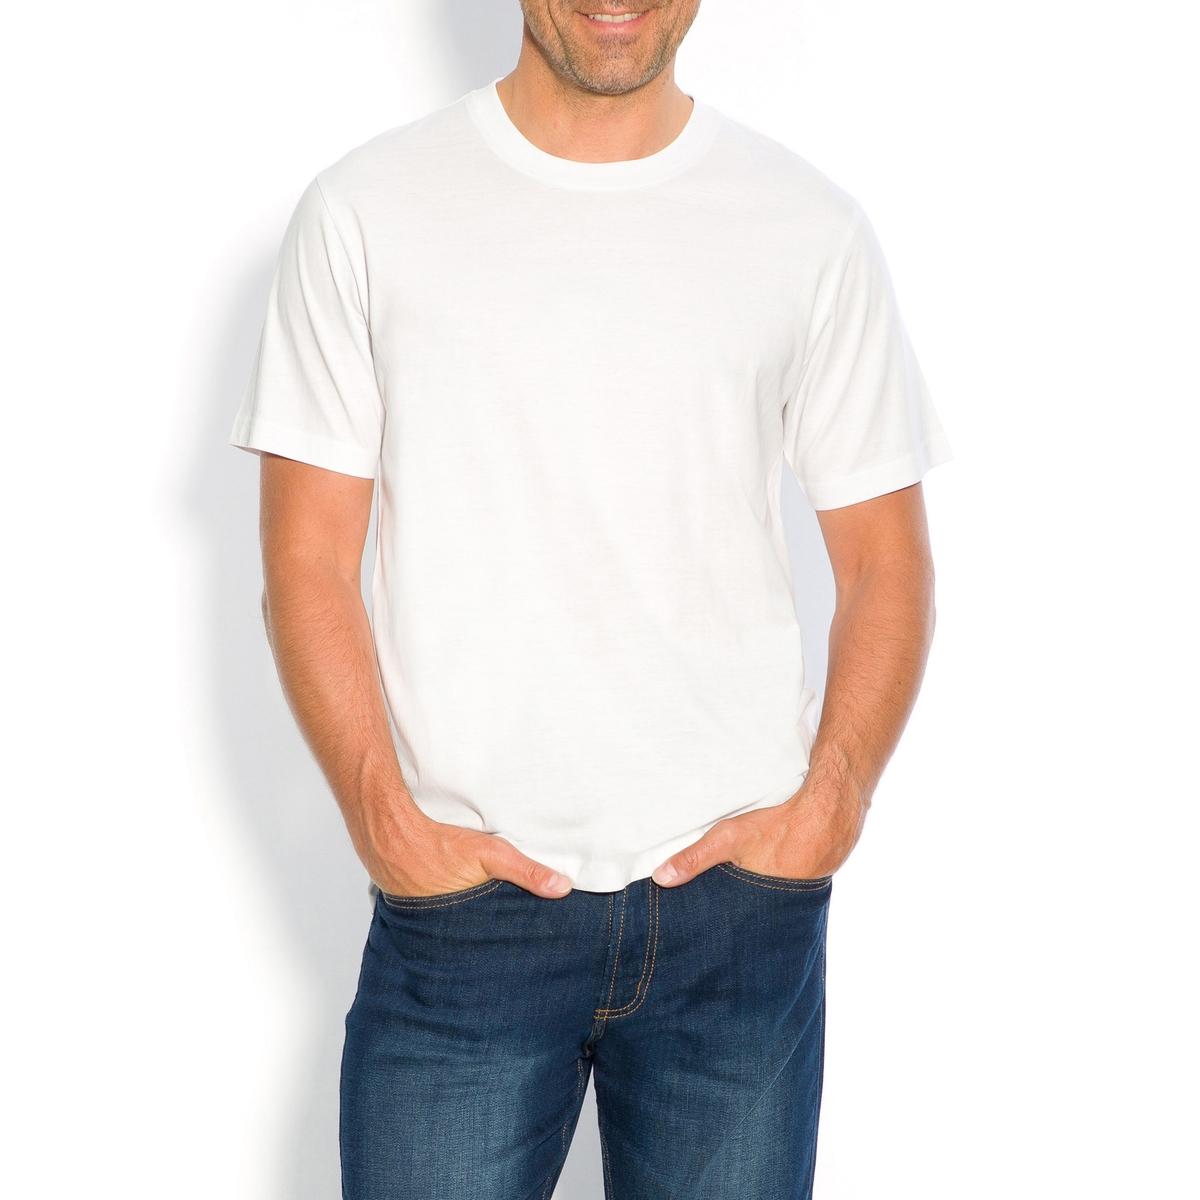 Футболка из коллекции больших размеров с круглым вырезом и короткими рукавами одежда больших размеров 13c 5118yyls mm 7